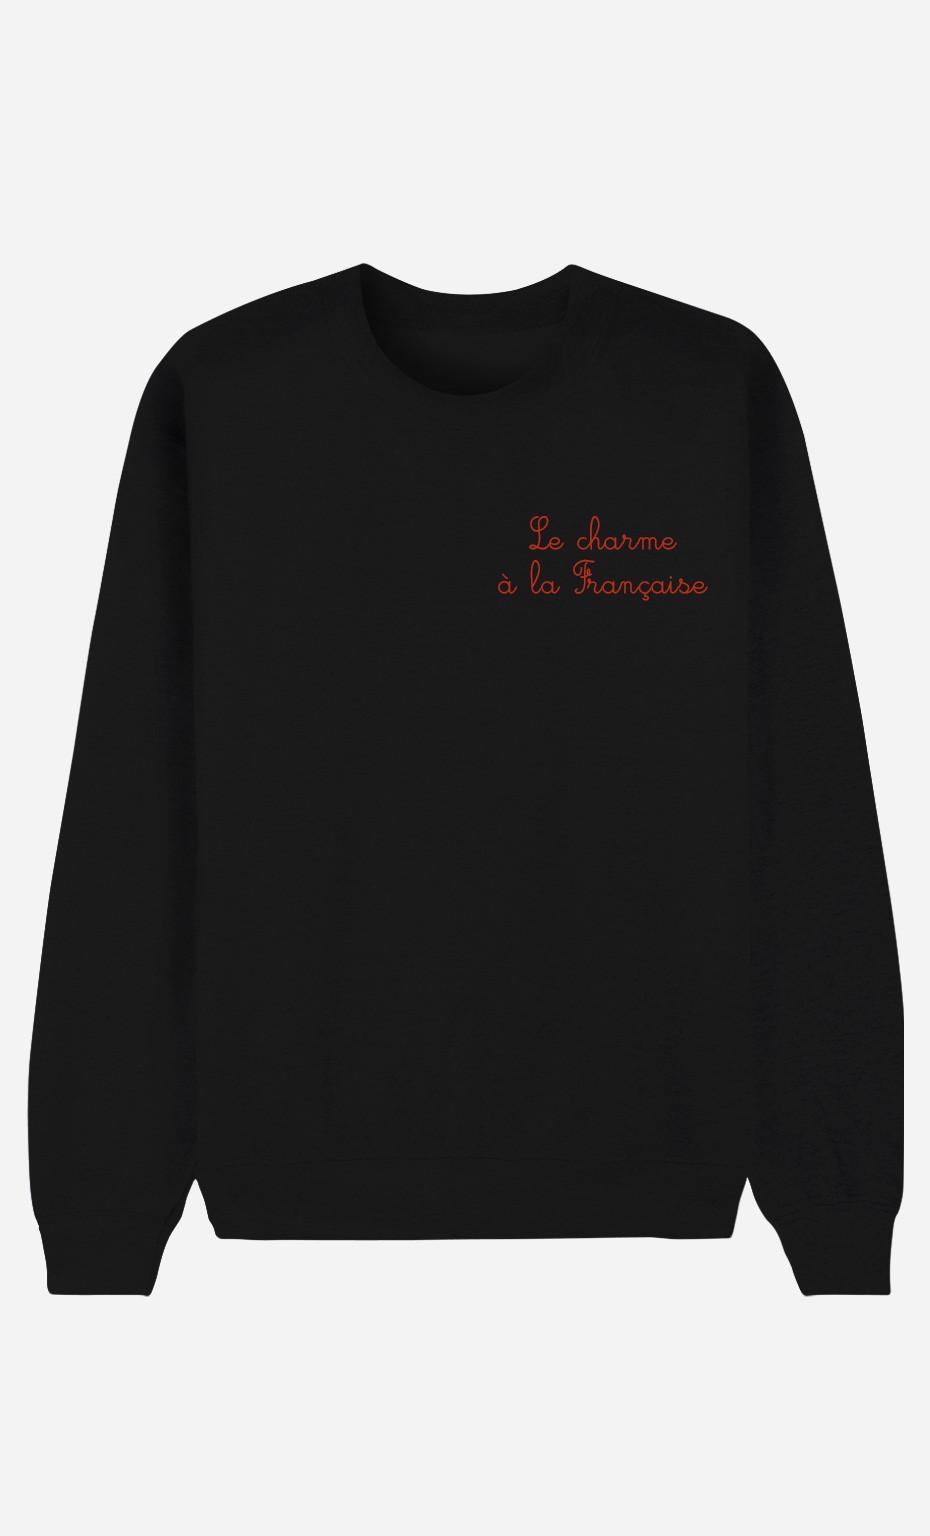 Schwarze Sweatshirt Le Charme A La Française - bestickt